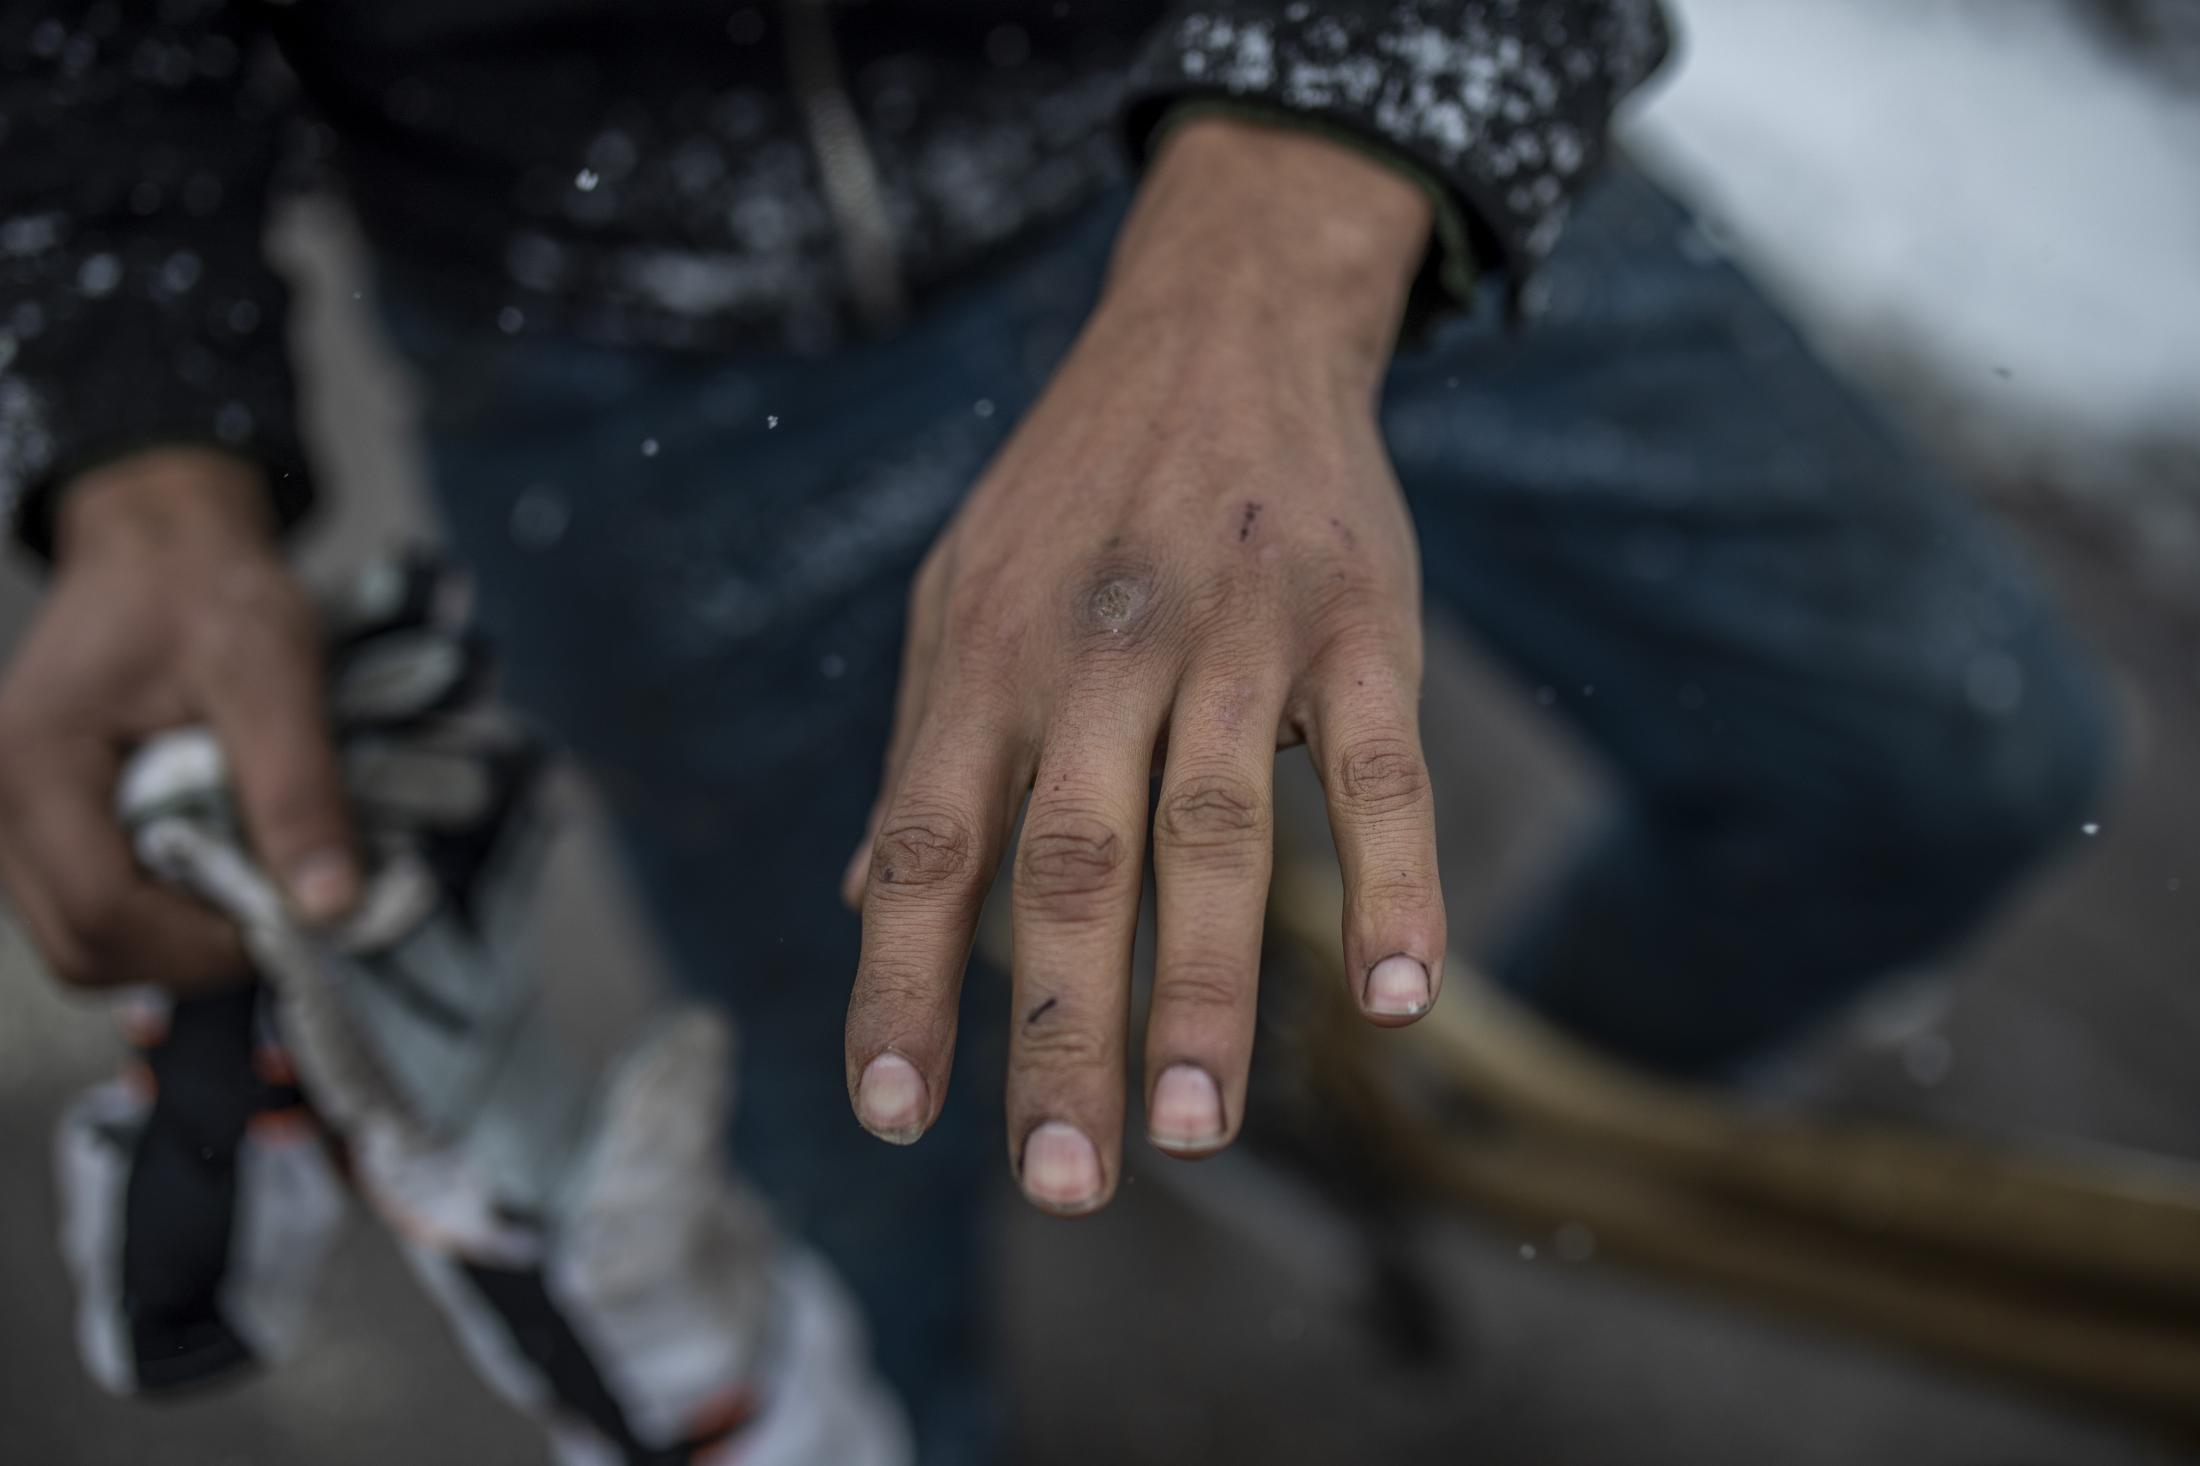 Omar Sharif ense–a su mano helada y llena de cortes tras pasar varias horas cortando madera para poder calentarse en el Sector Vi de la Ca–ada Real